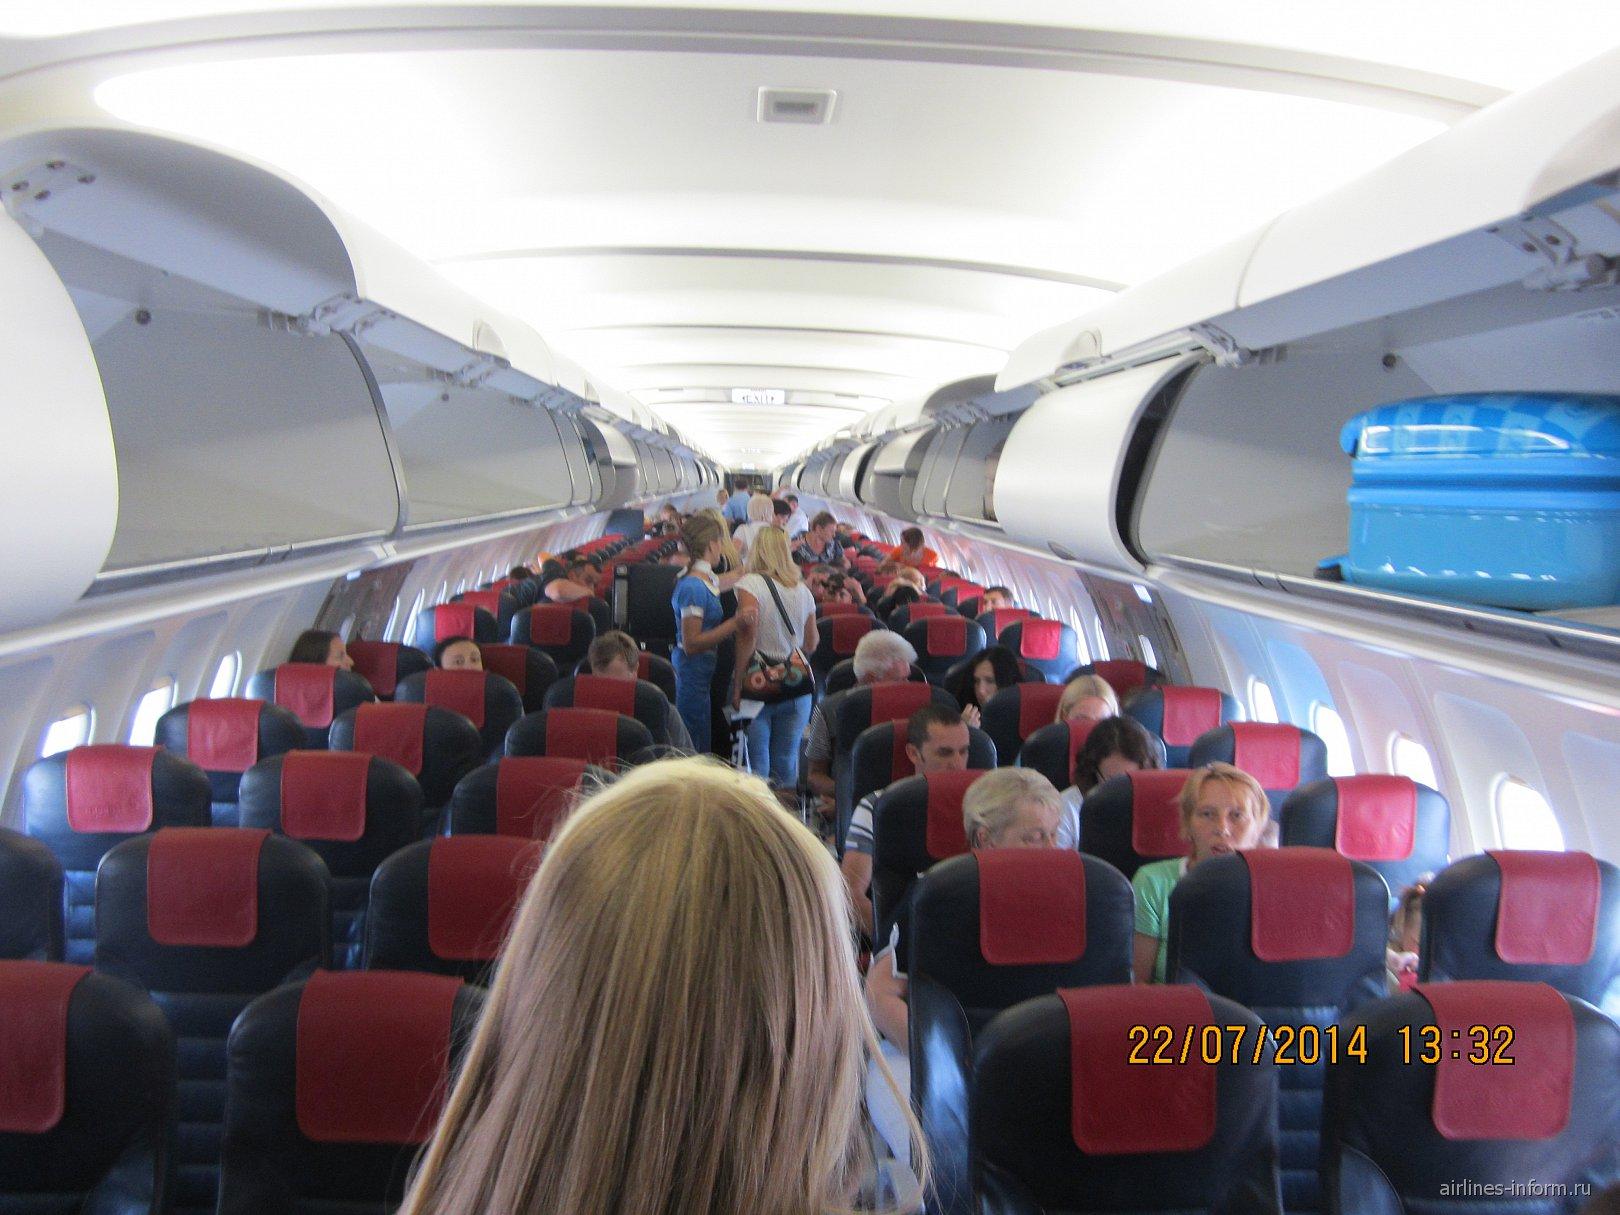 Салон самолета Airbus A321 авиакомпании Windrose